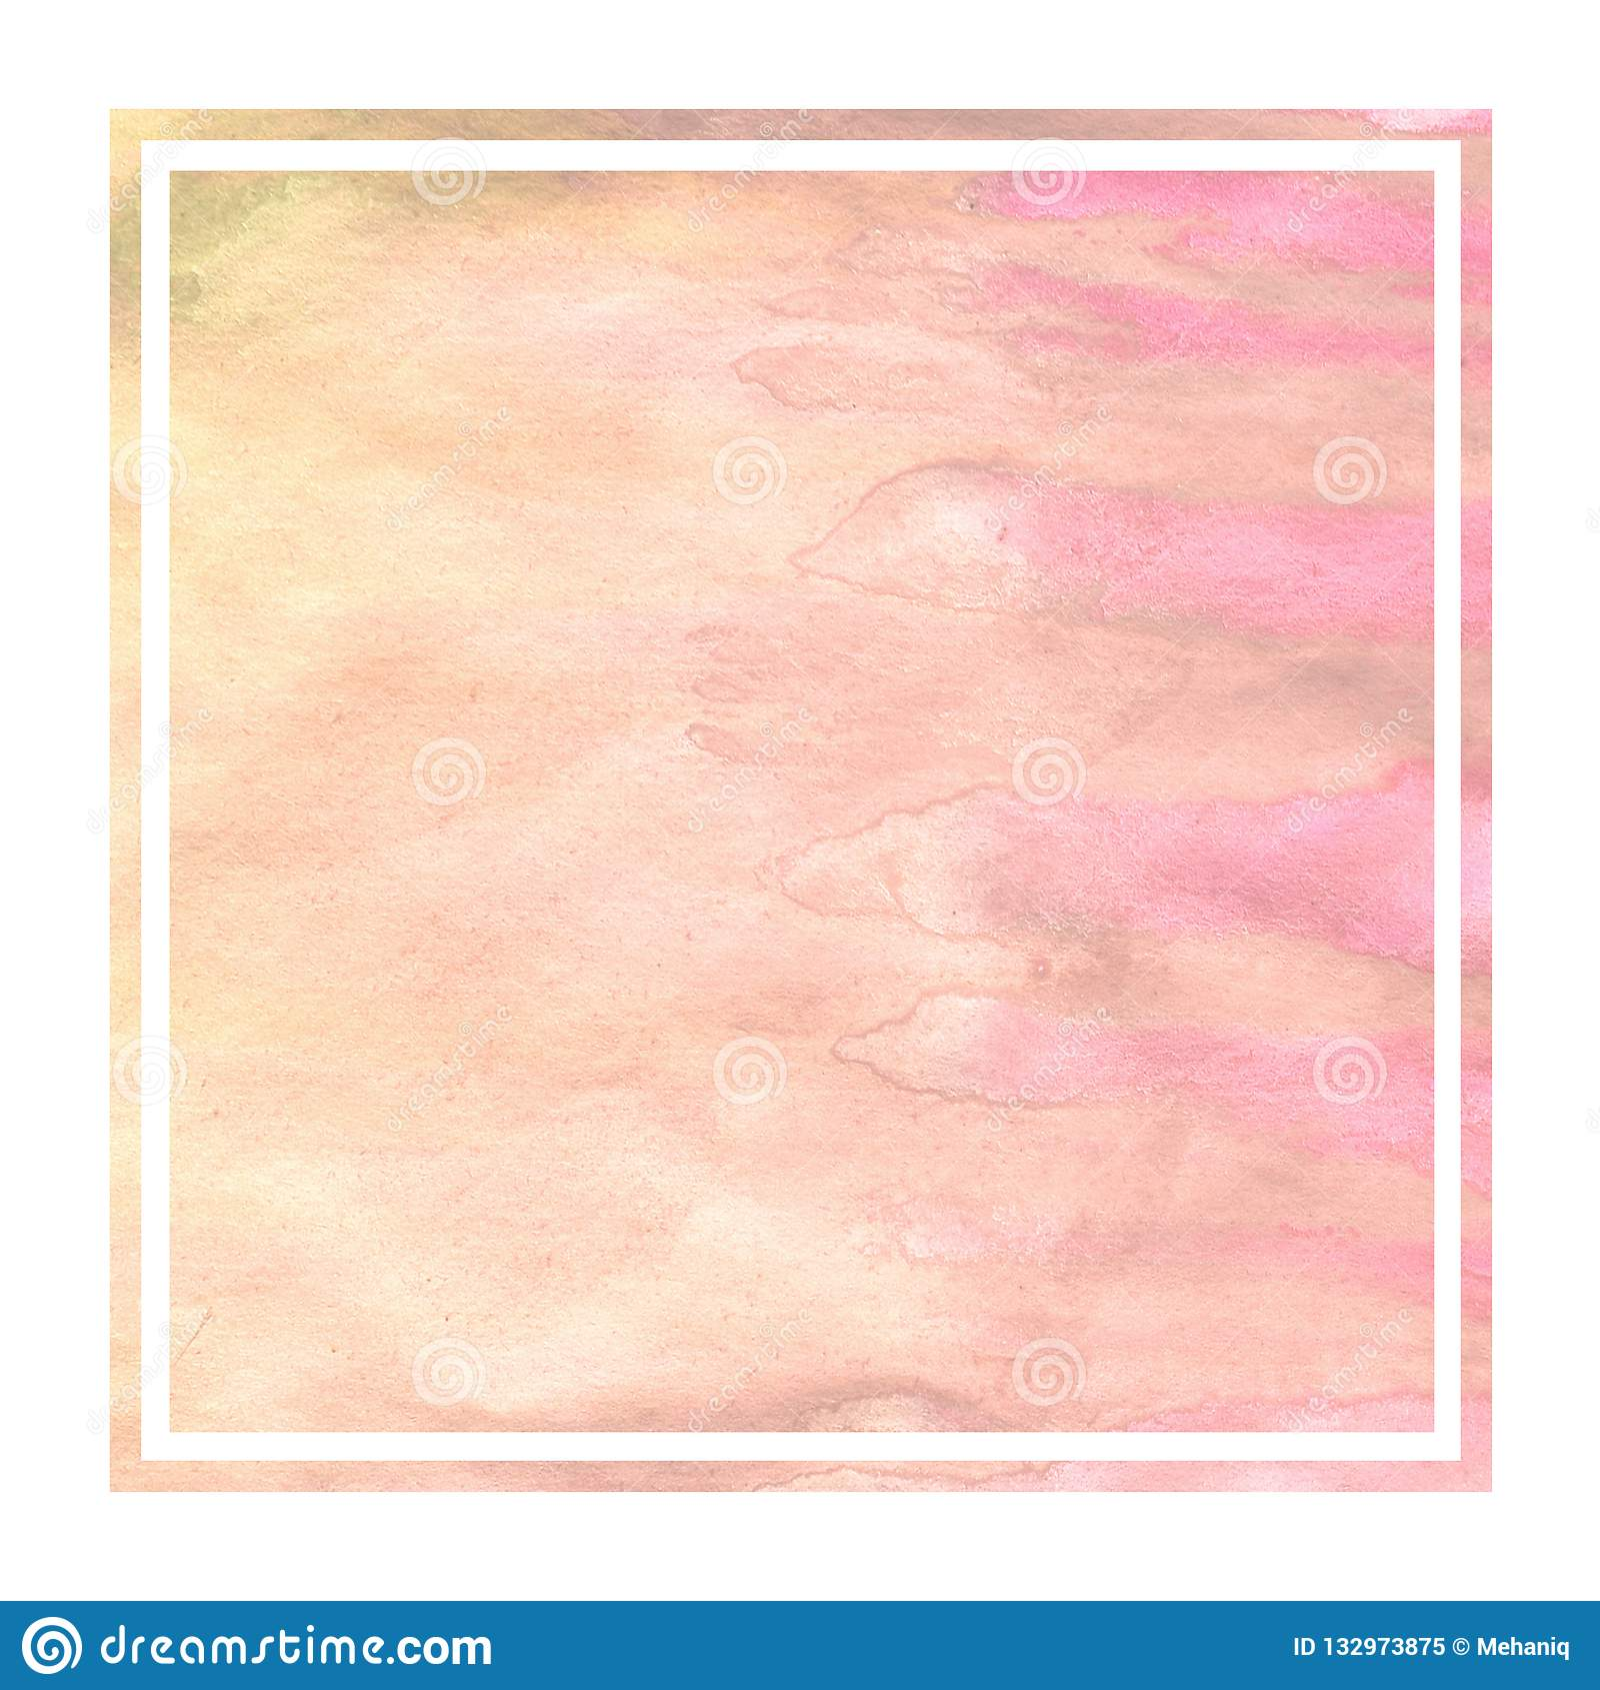 Textur för bakgrund för ram för varm gul vattenfärg för hand utdragen rektangulär med fläckar